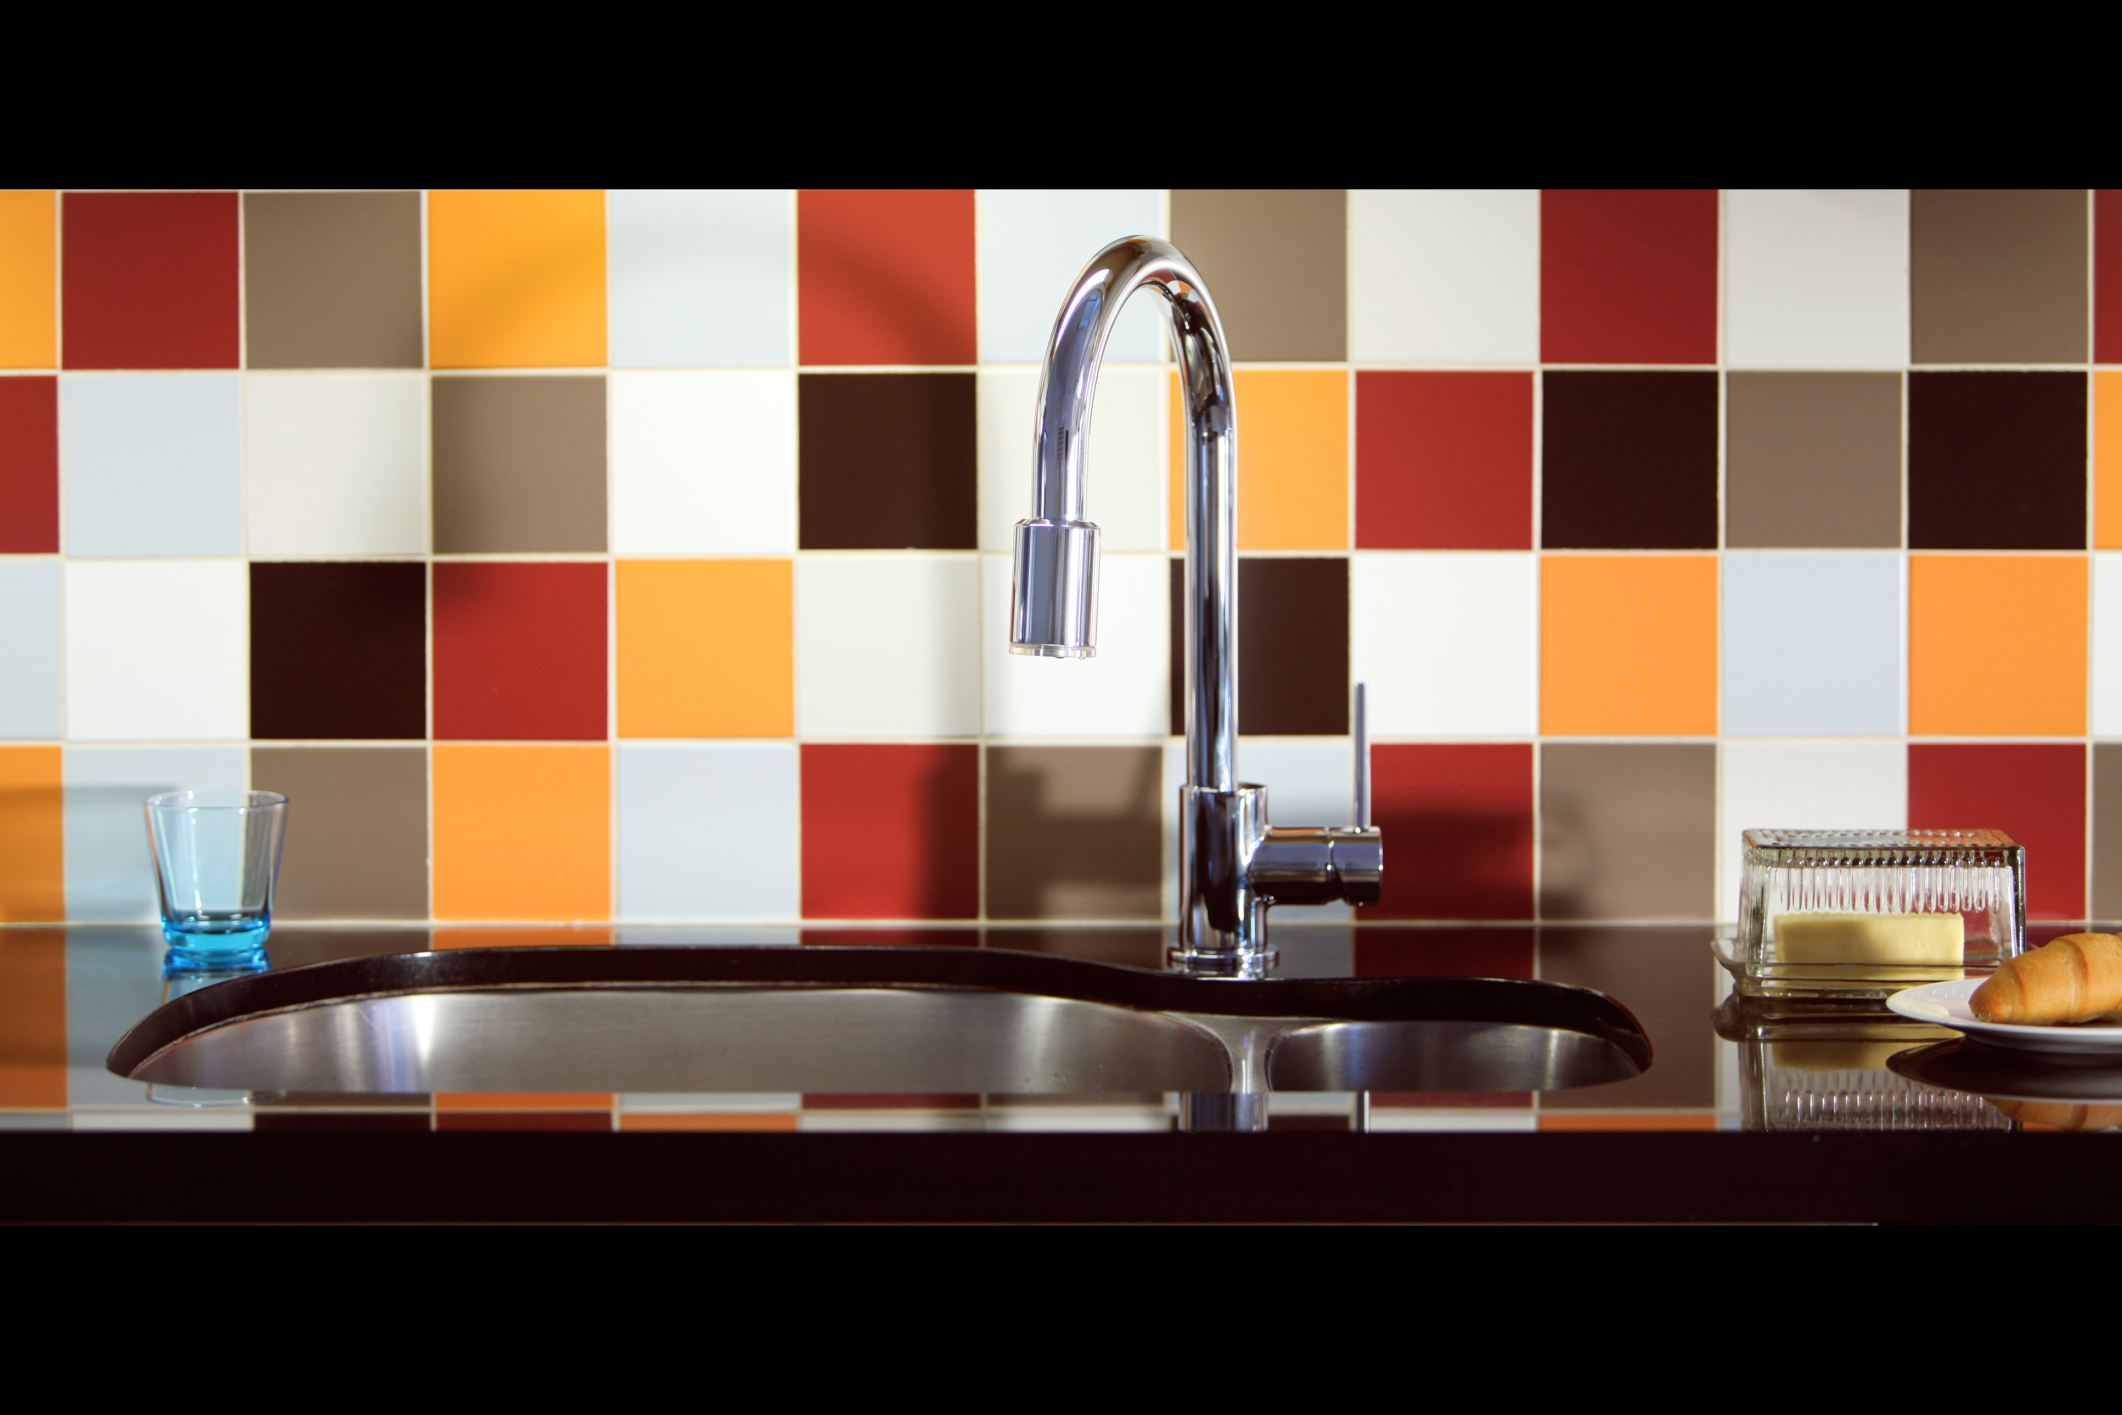 Multi Colored Tile Backsplash Behind Sink in Kitchen 56a49fdf3df78cf fec